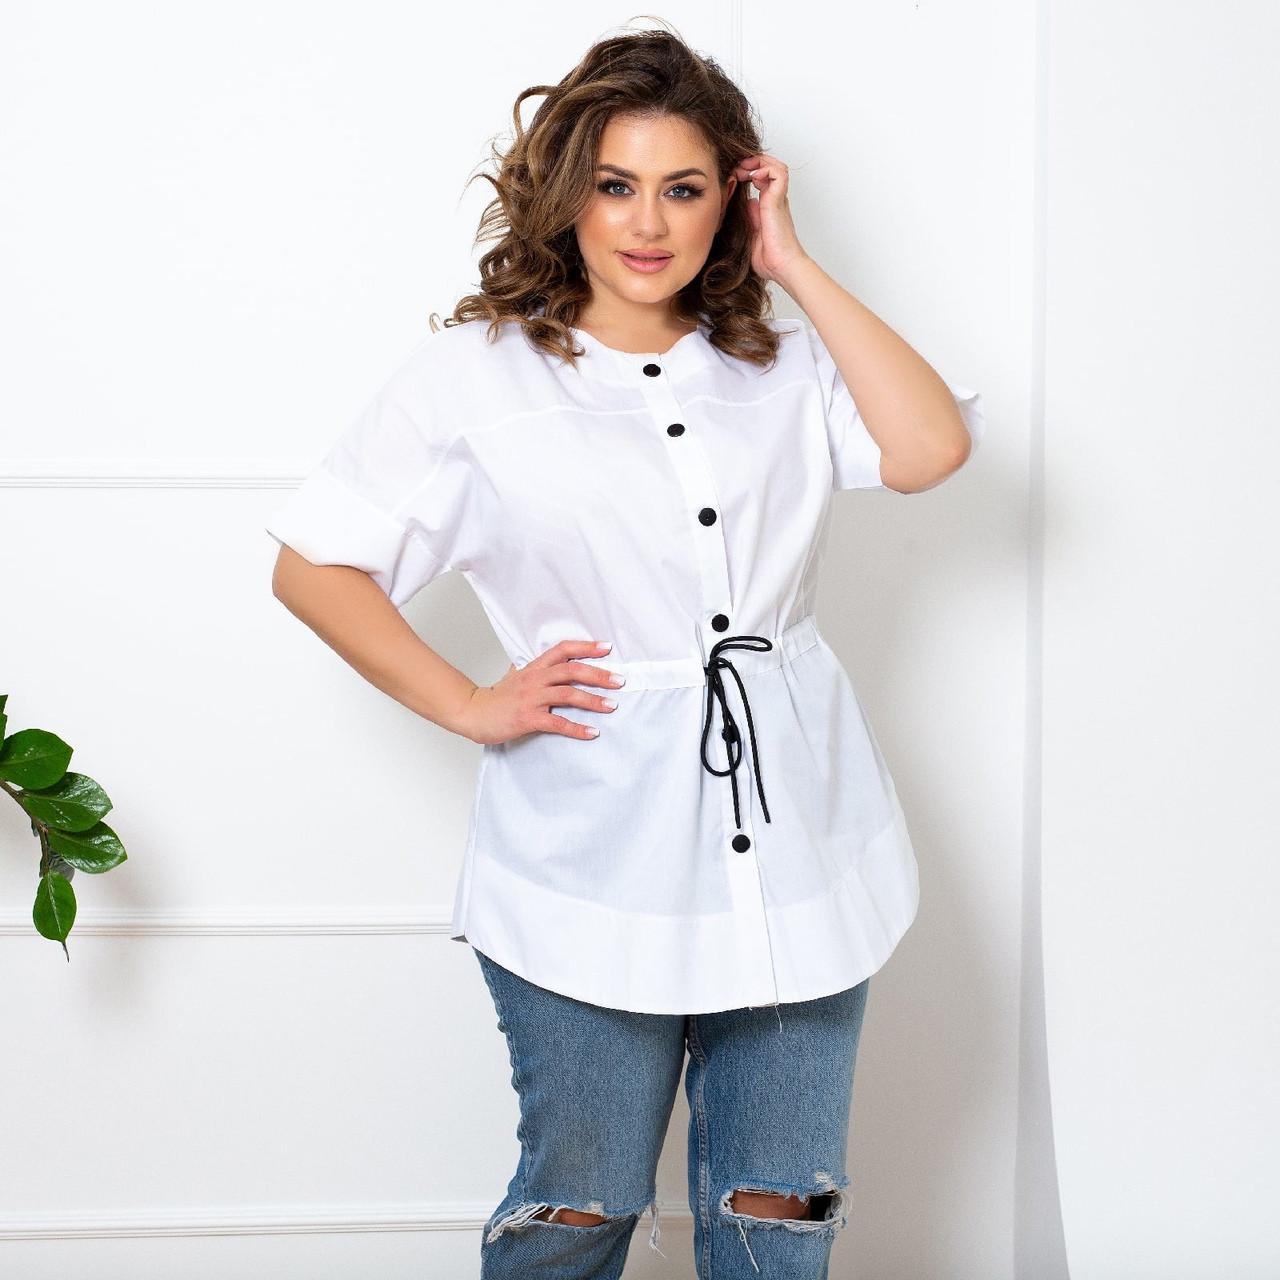 Жіноча сорочка великого розміру.Розміри:50/64+Кольору